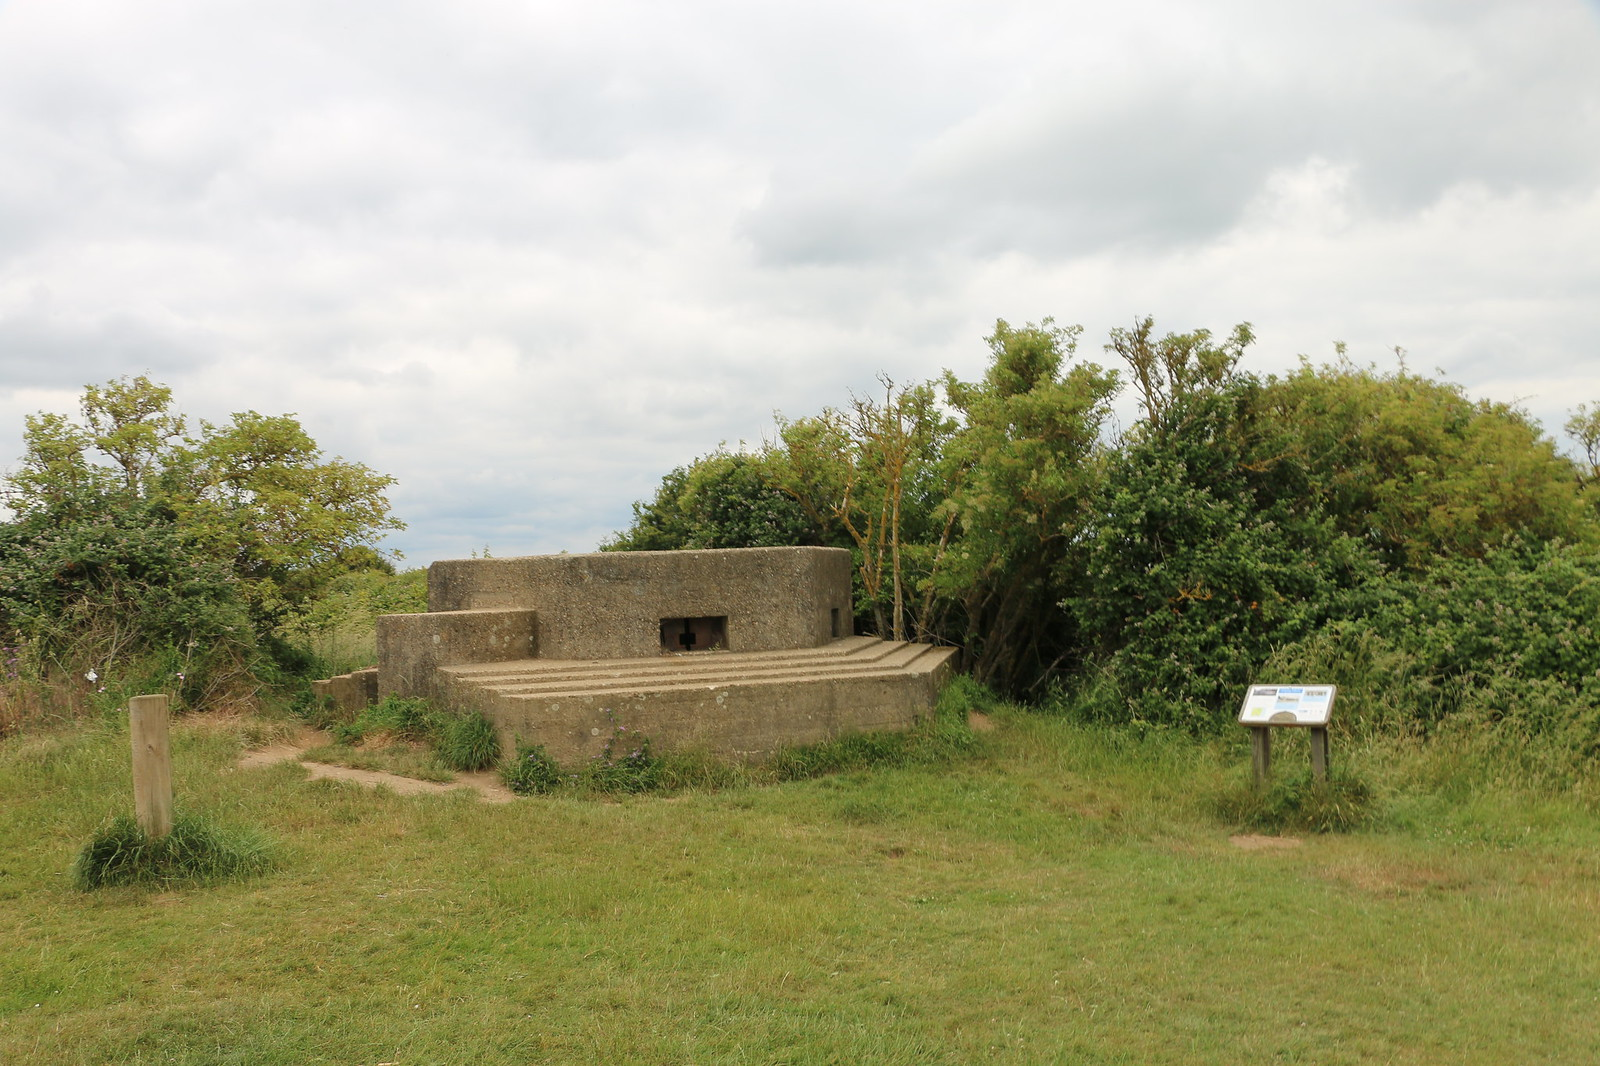 Pillbox, The Naze, Walton-on-the-Naze